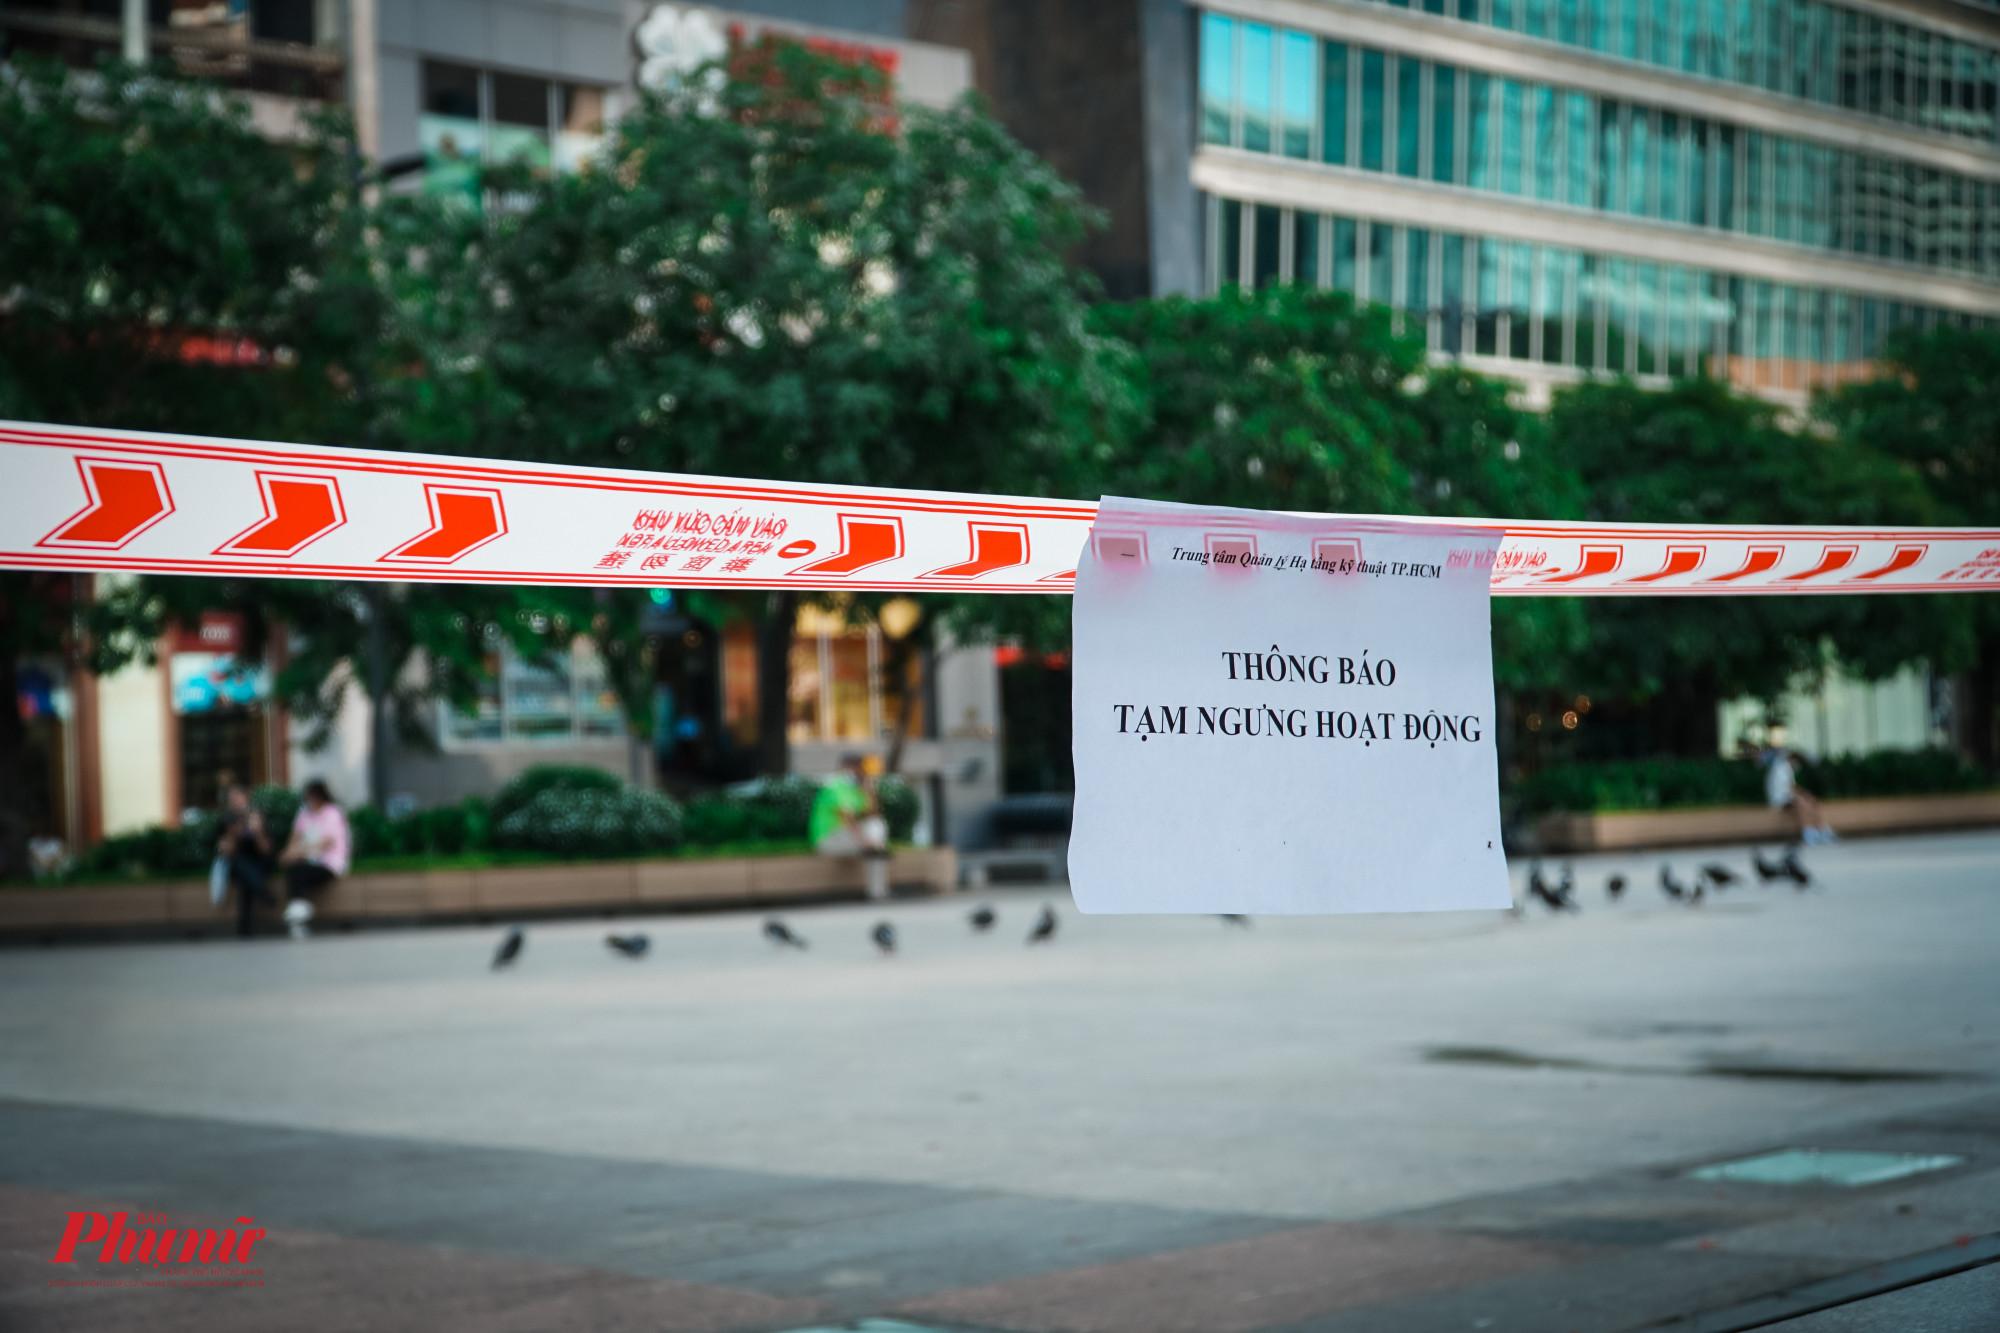 Tuy nhiên, ở những nơi không có lực lượng bảo vệ, nhiều người dân vẫn cố tình vào các hàng ghế trong khuôn viên phố đi bộ ngồi